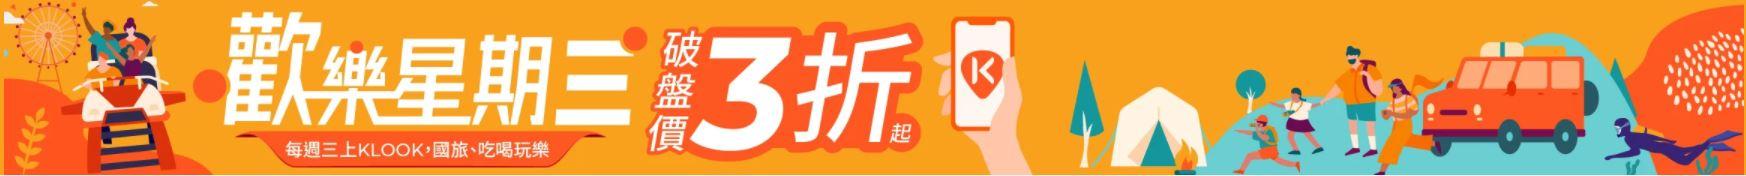 【2021 花蓮金針花】六十石山金針花季:花期、賞花活動、交通管制、花蓮住宿推薦! - threeonelee.com